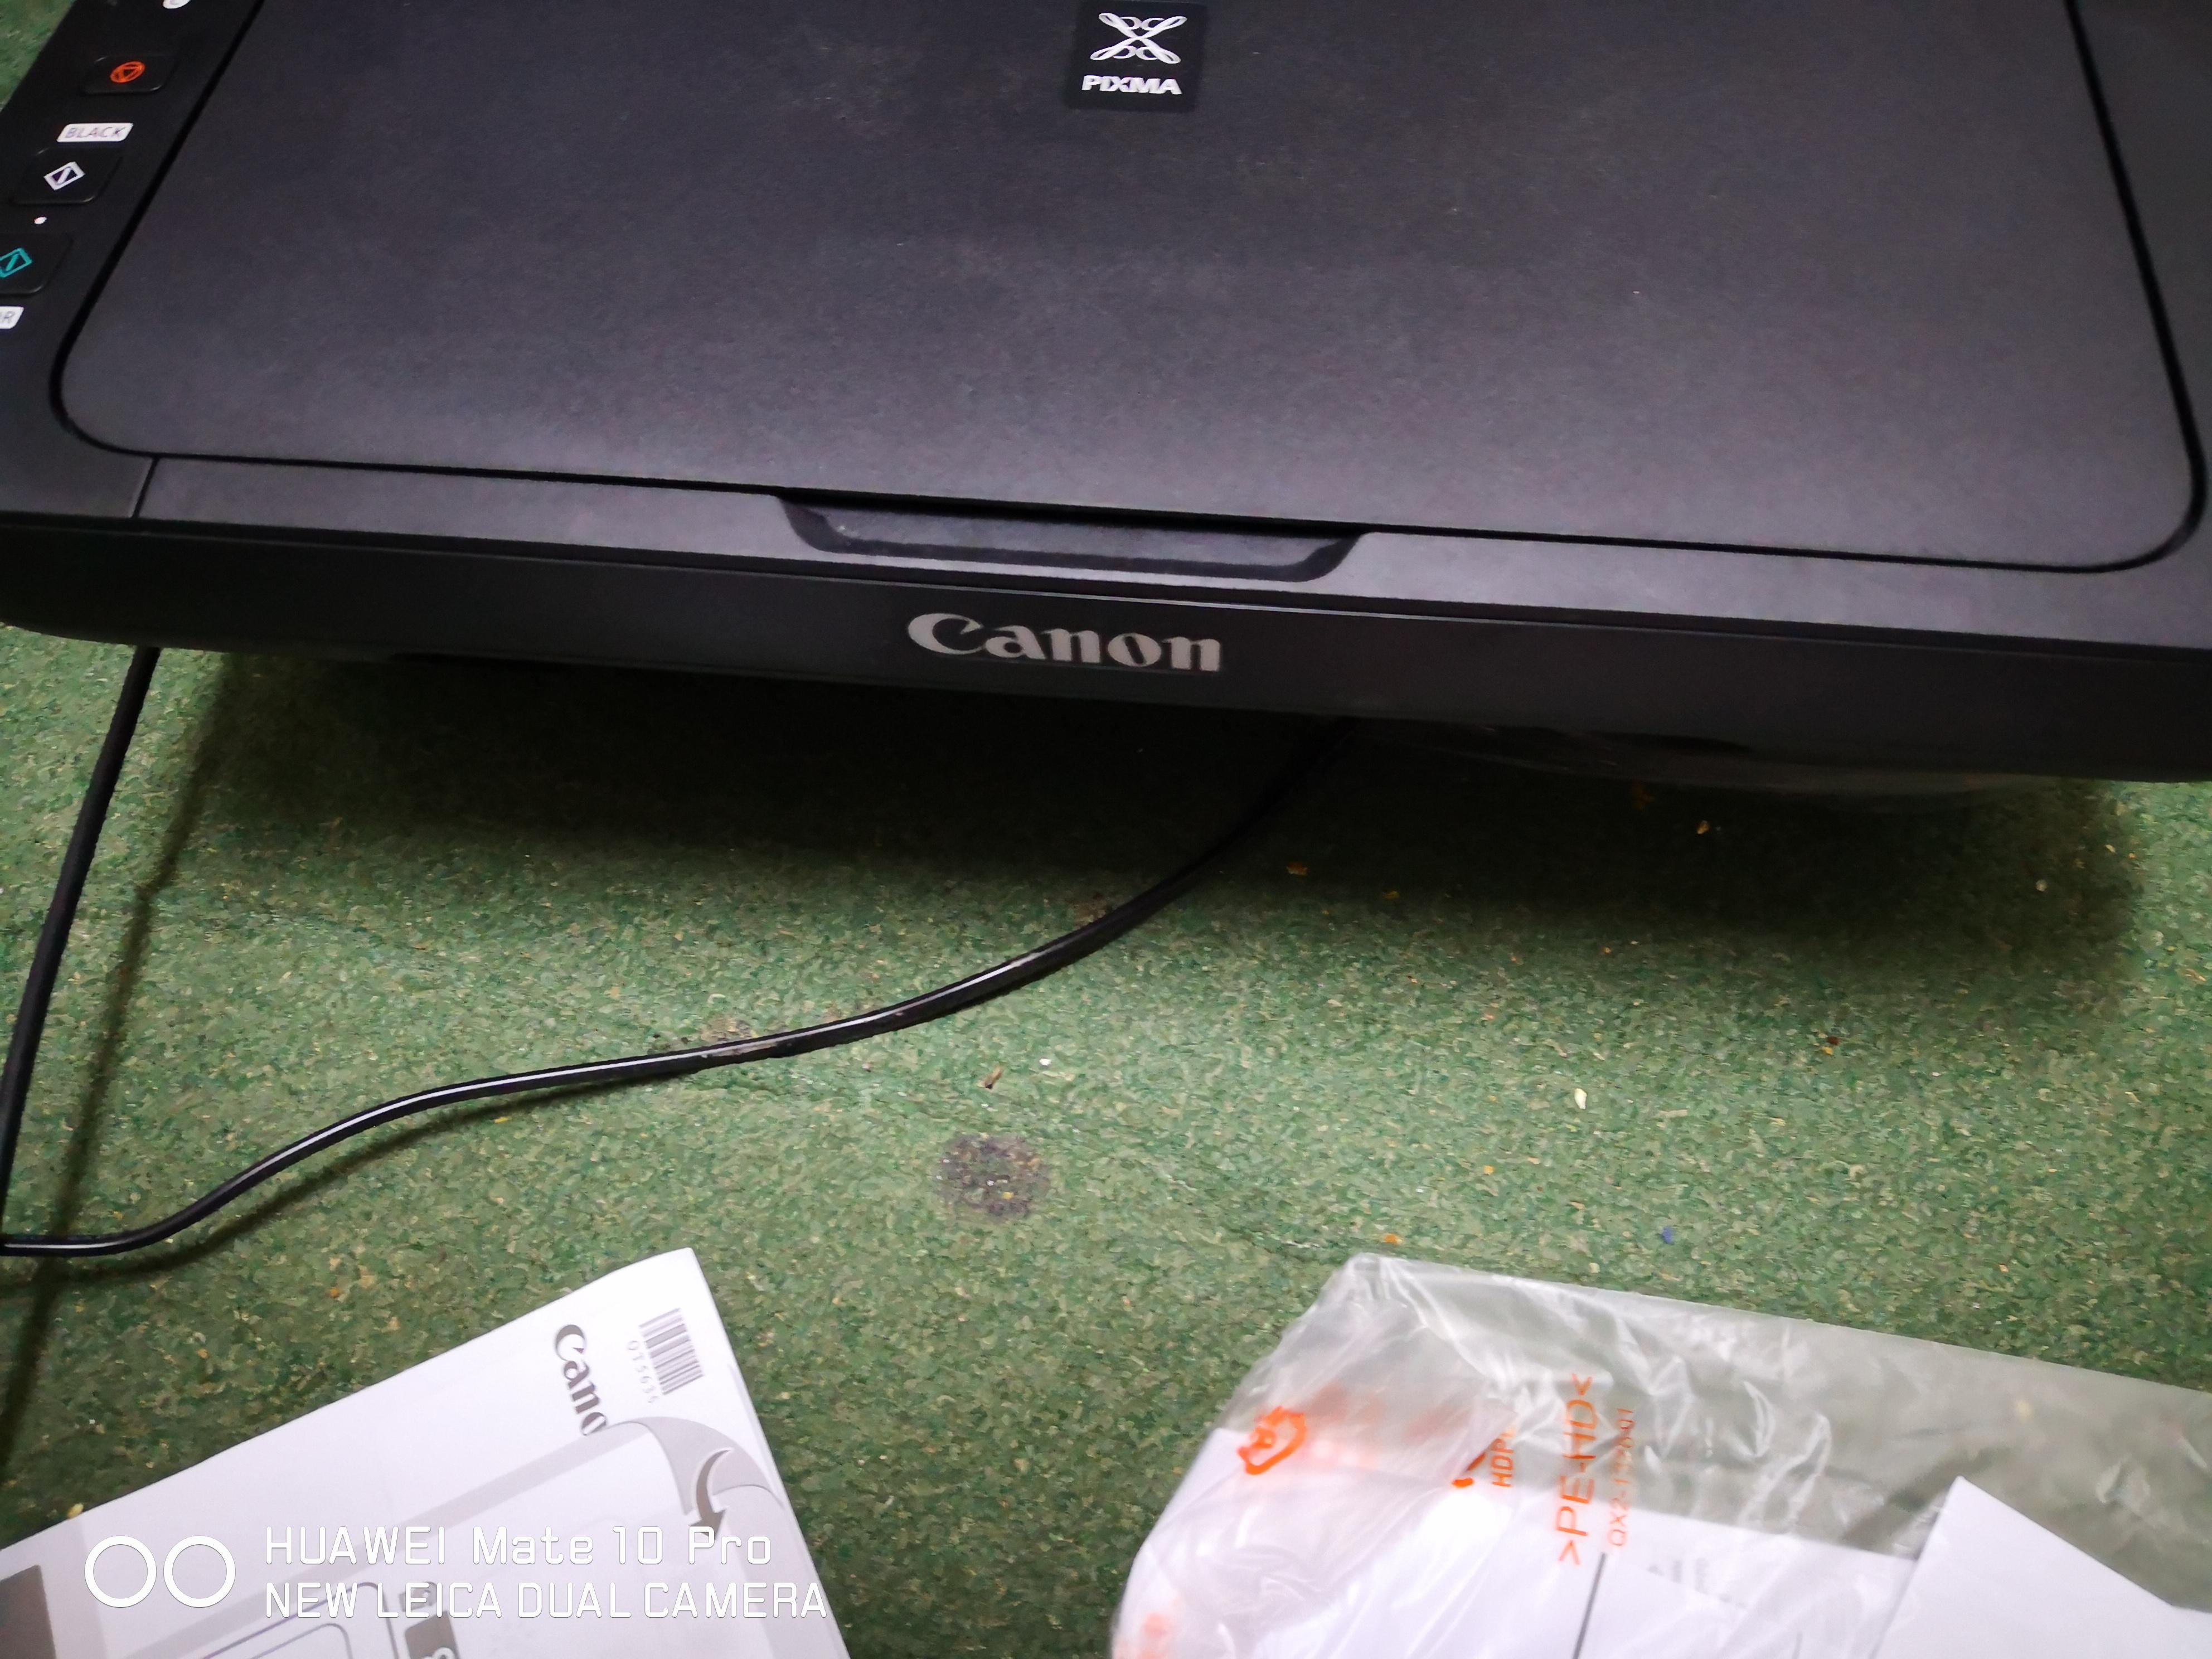 طابعة كانون جديدة بالضمان Canon printer